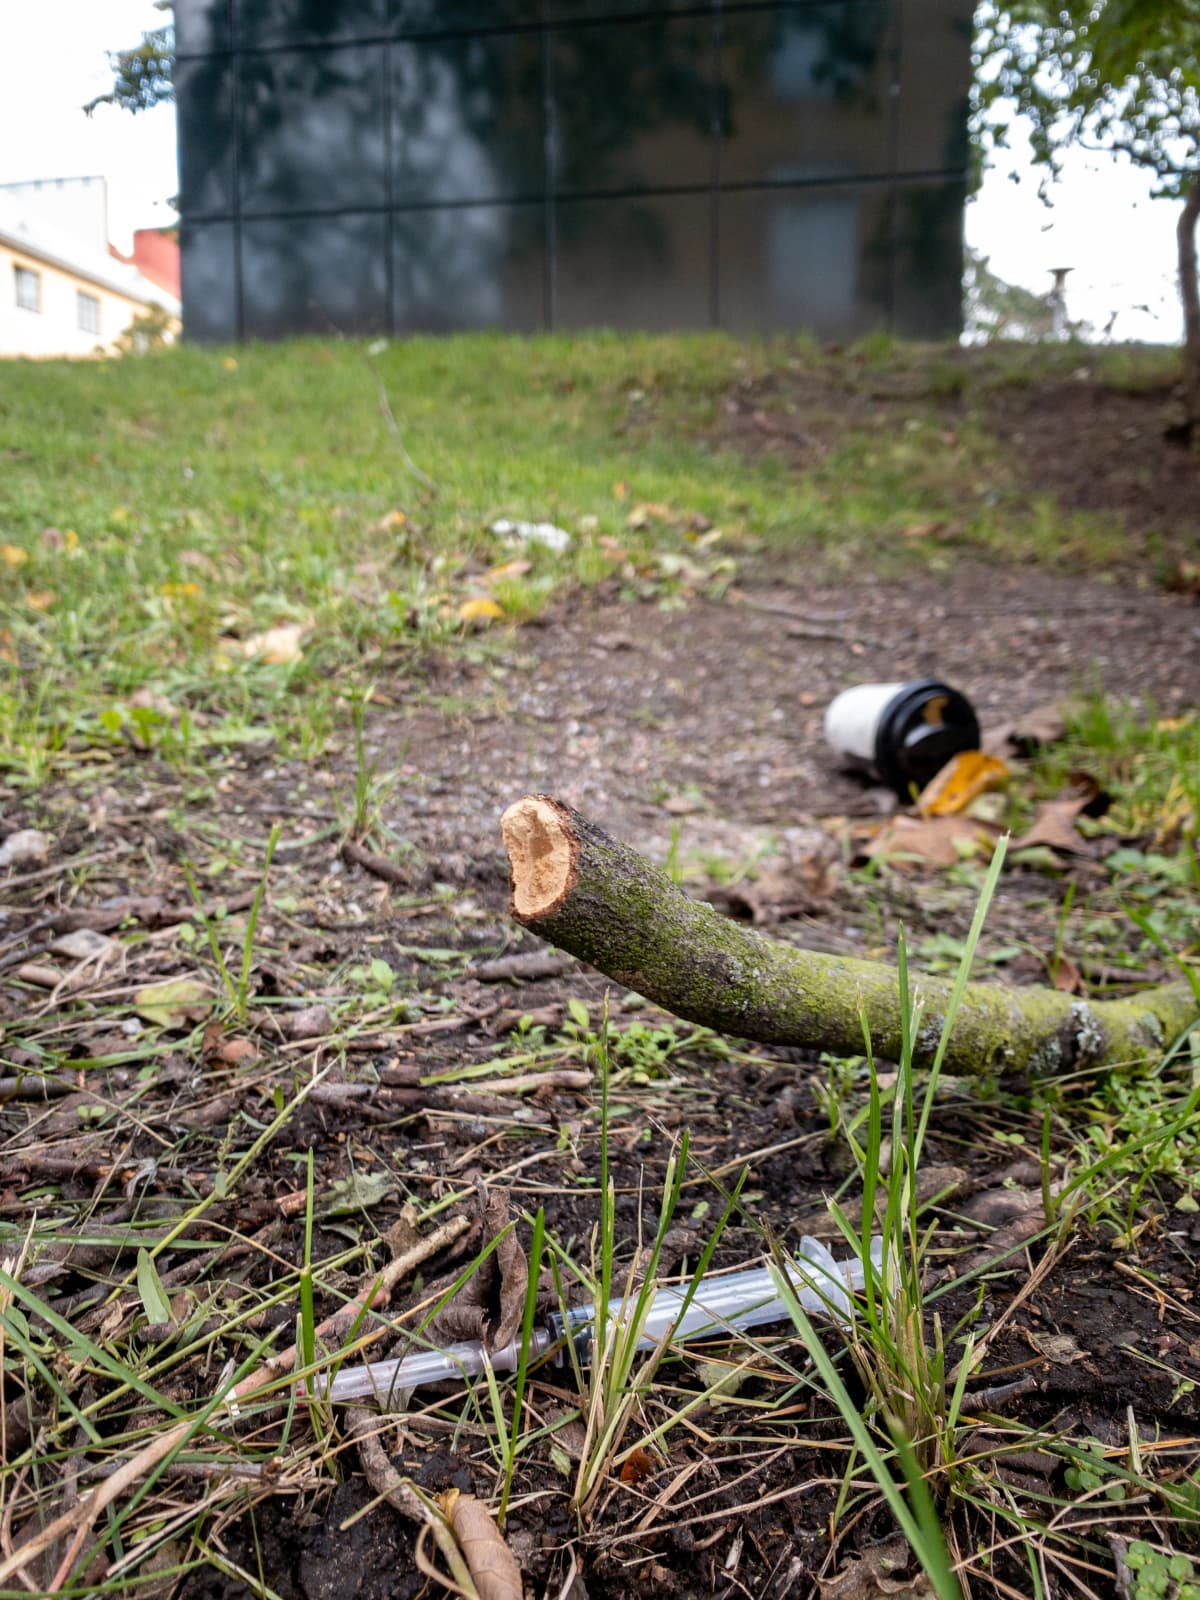 Kallion Pengerpuistossa on sikin sokin neuloja, ruiskuja, klikkikuppeja ja lääkelevyjä.